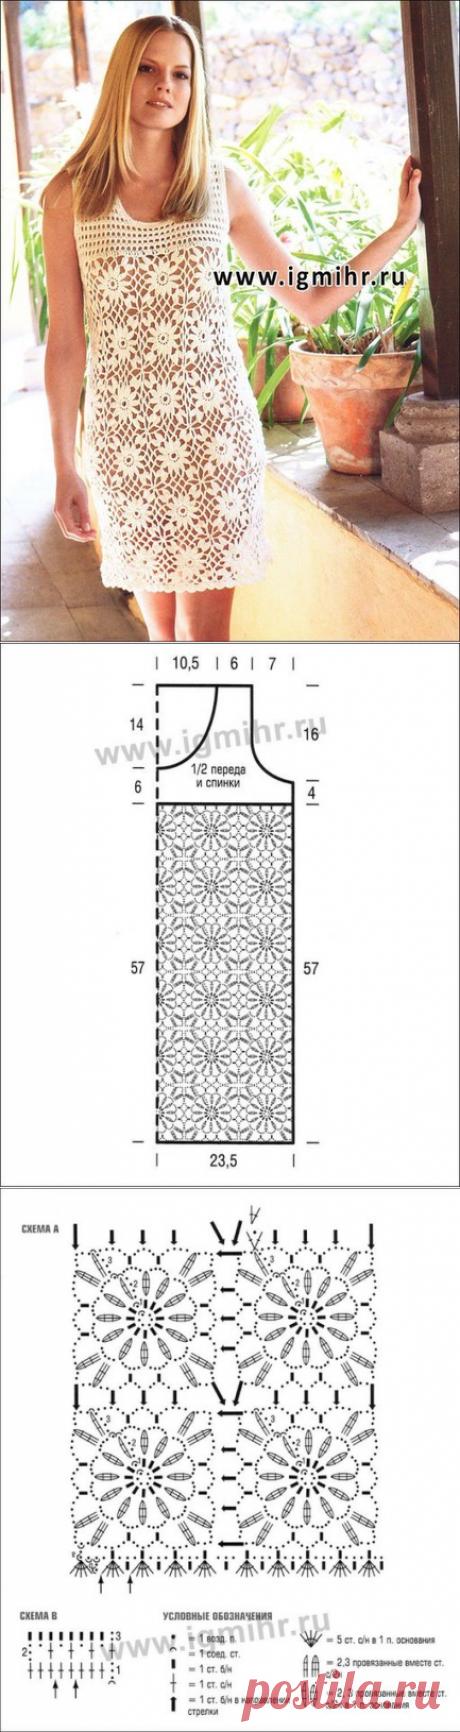 Летнее мини-платье из квадратных  цветочных мотивов. Крючок  Размер: 42/44   Вам потребуется: 350 г кремовой пряжи Lana Grossa Elastico (96% хлопка, 4% полиэстера, 160 м/50 г); крючок № 4.